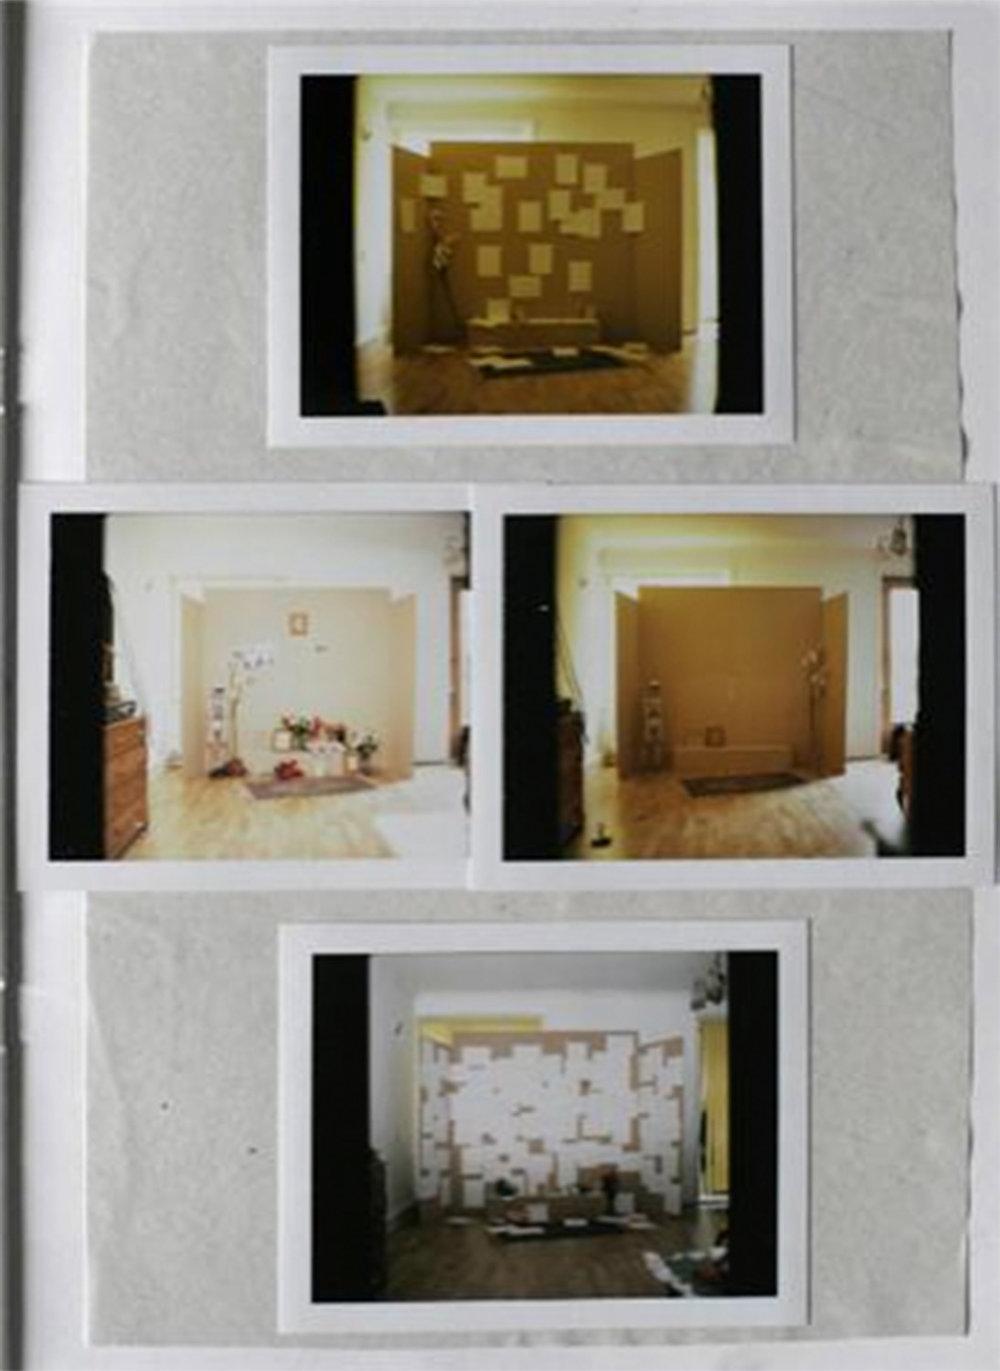 IgniteCollective_InMemoriam_2009_©IgniteCollective_05.jpg